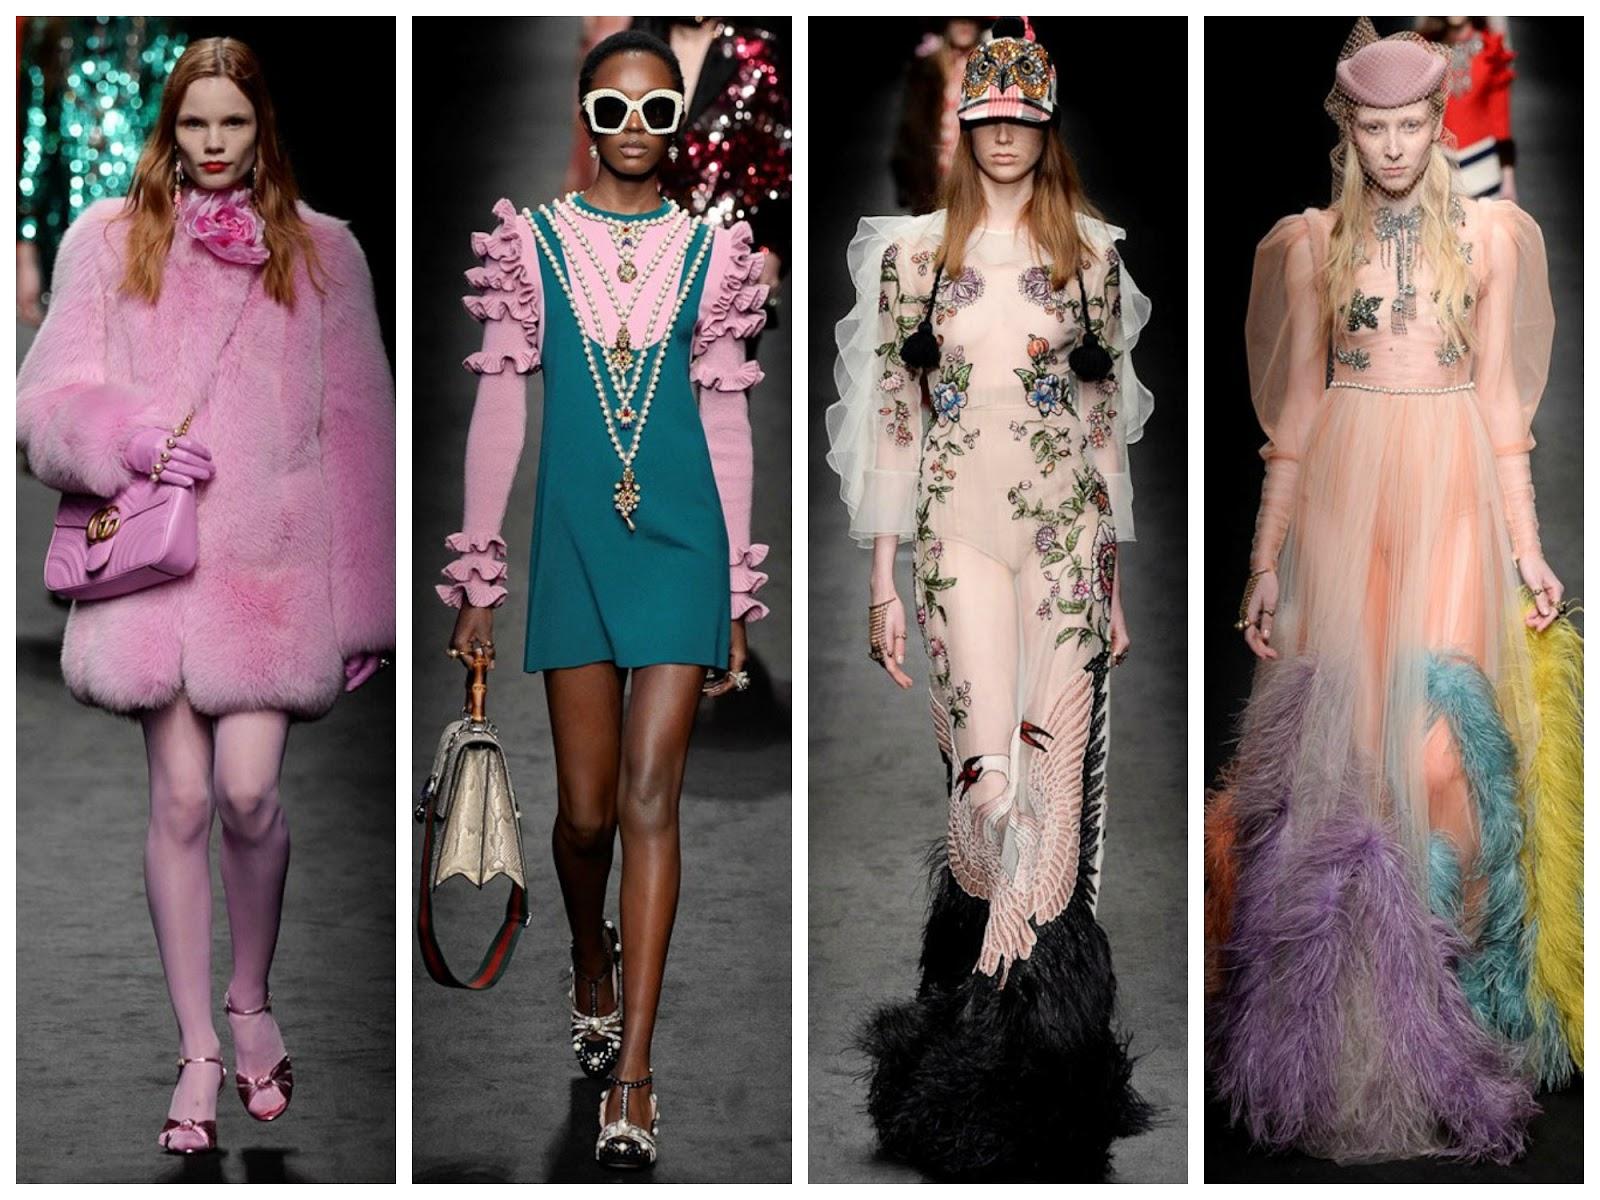 gucci-fall-winter-2016-fashion-show-milan-fashion-week